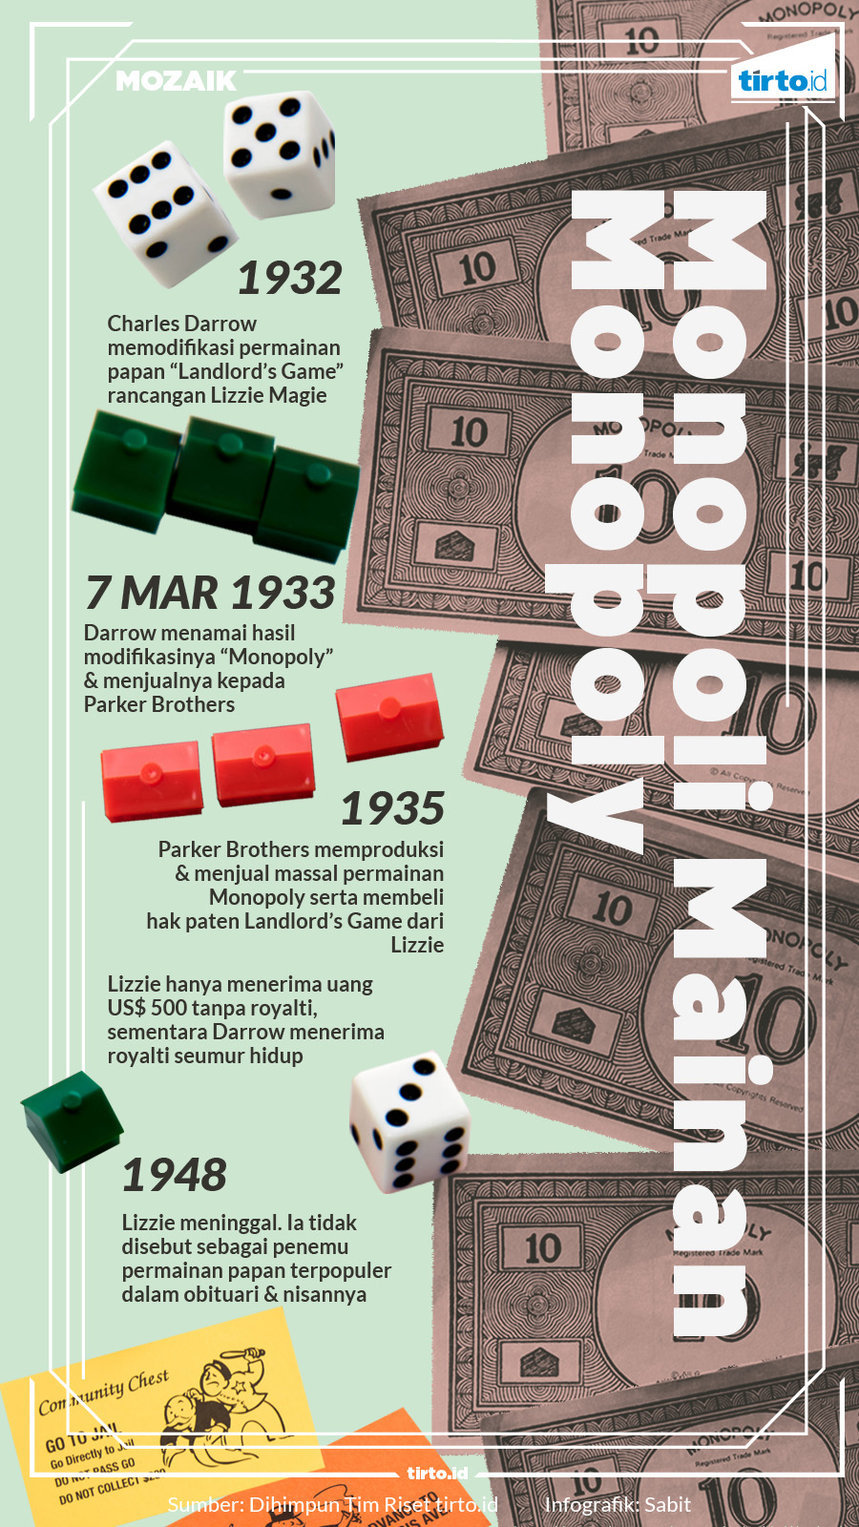 infografik mozaik monopoly